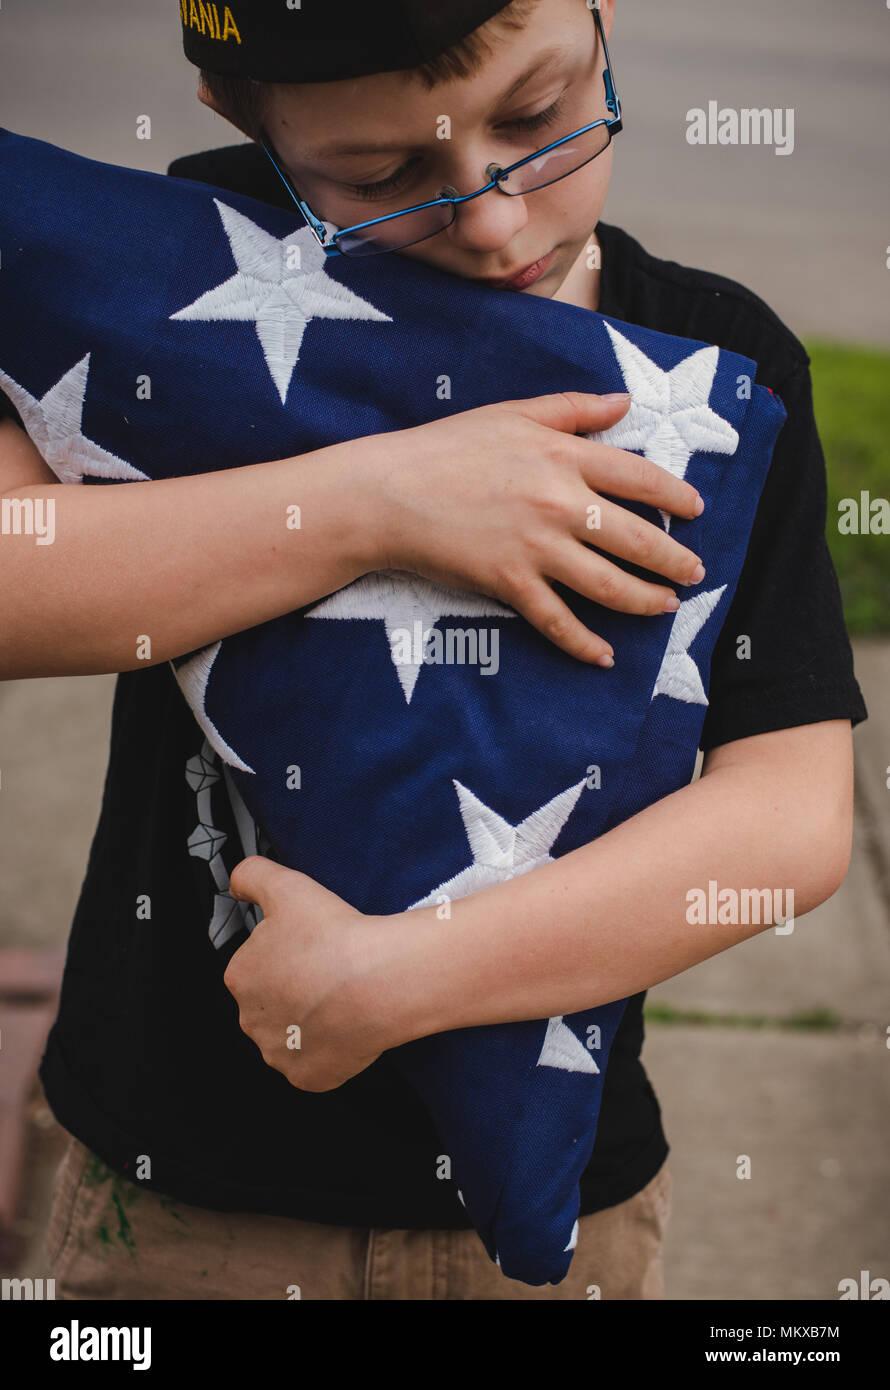 Un joven niño sosteniendo una bandera plegada. Imagen De Stock